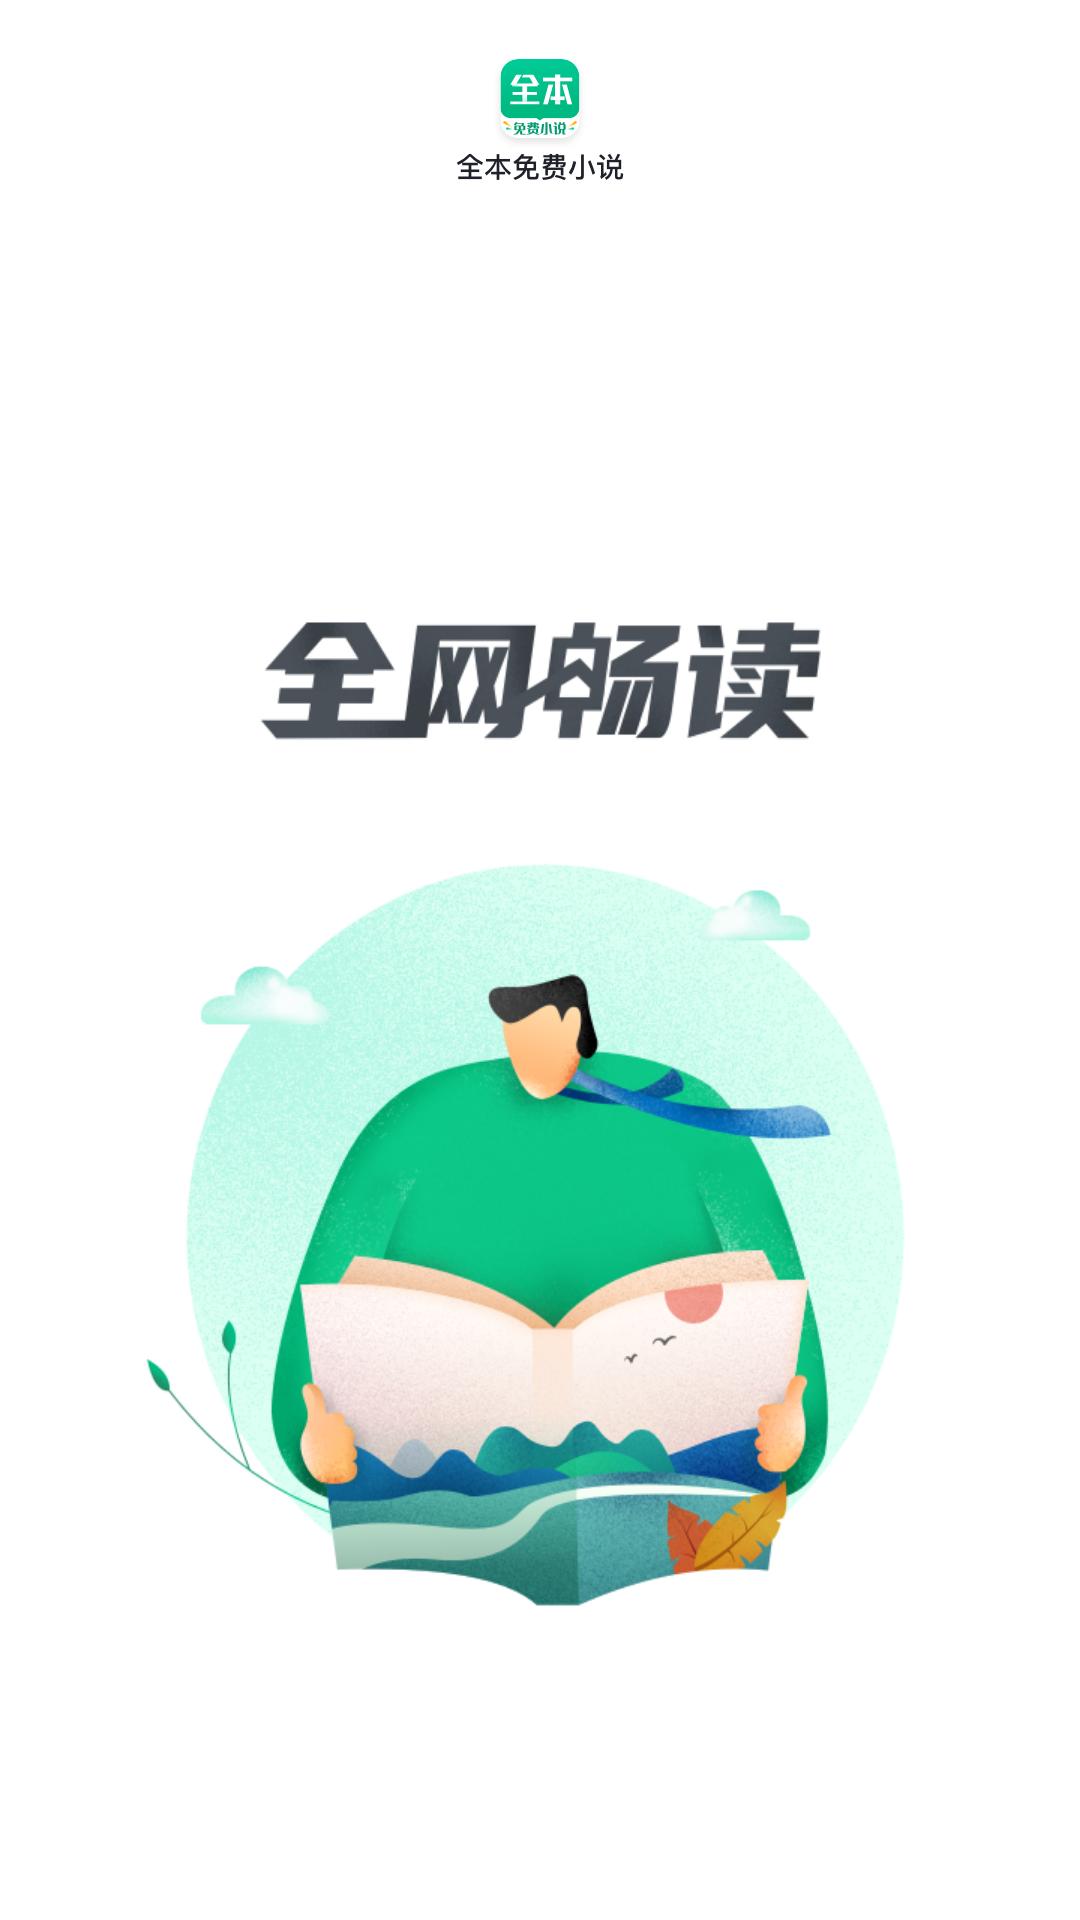 TXT全本免费小书亭(1)